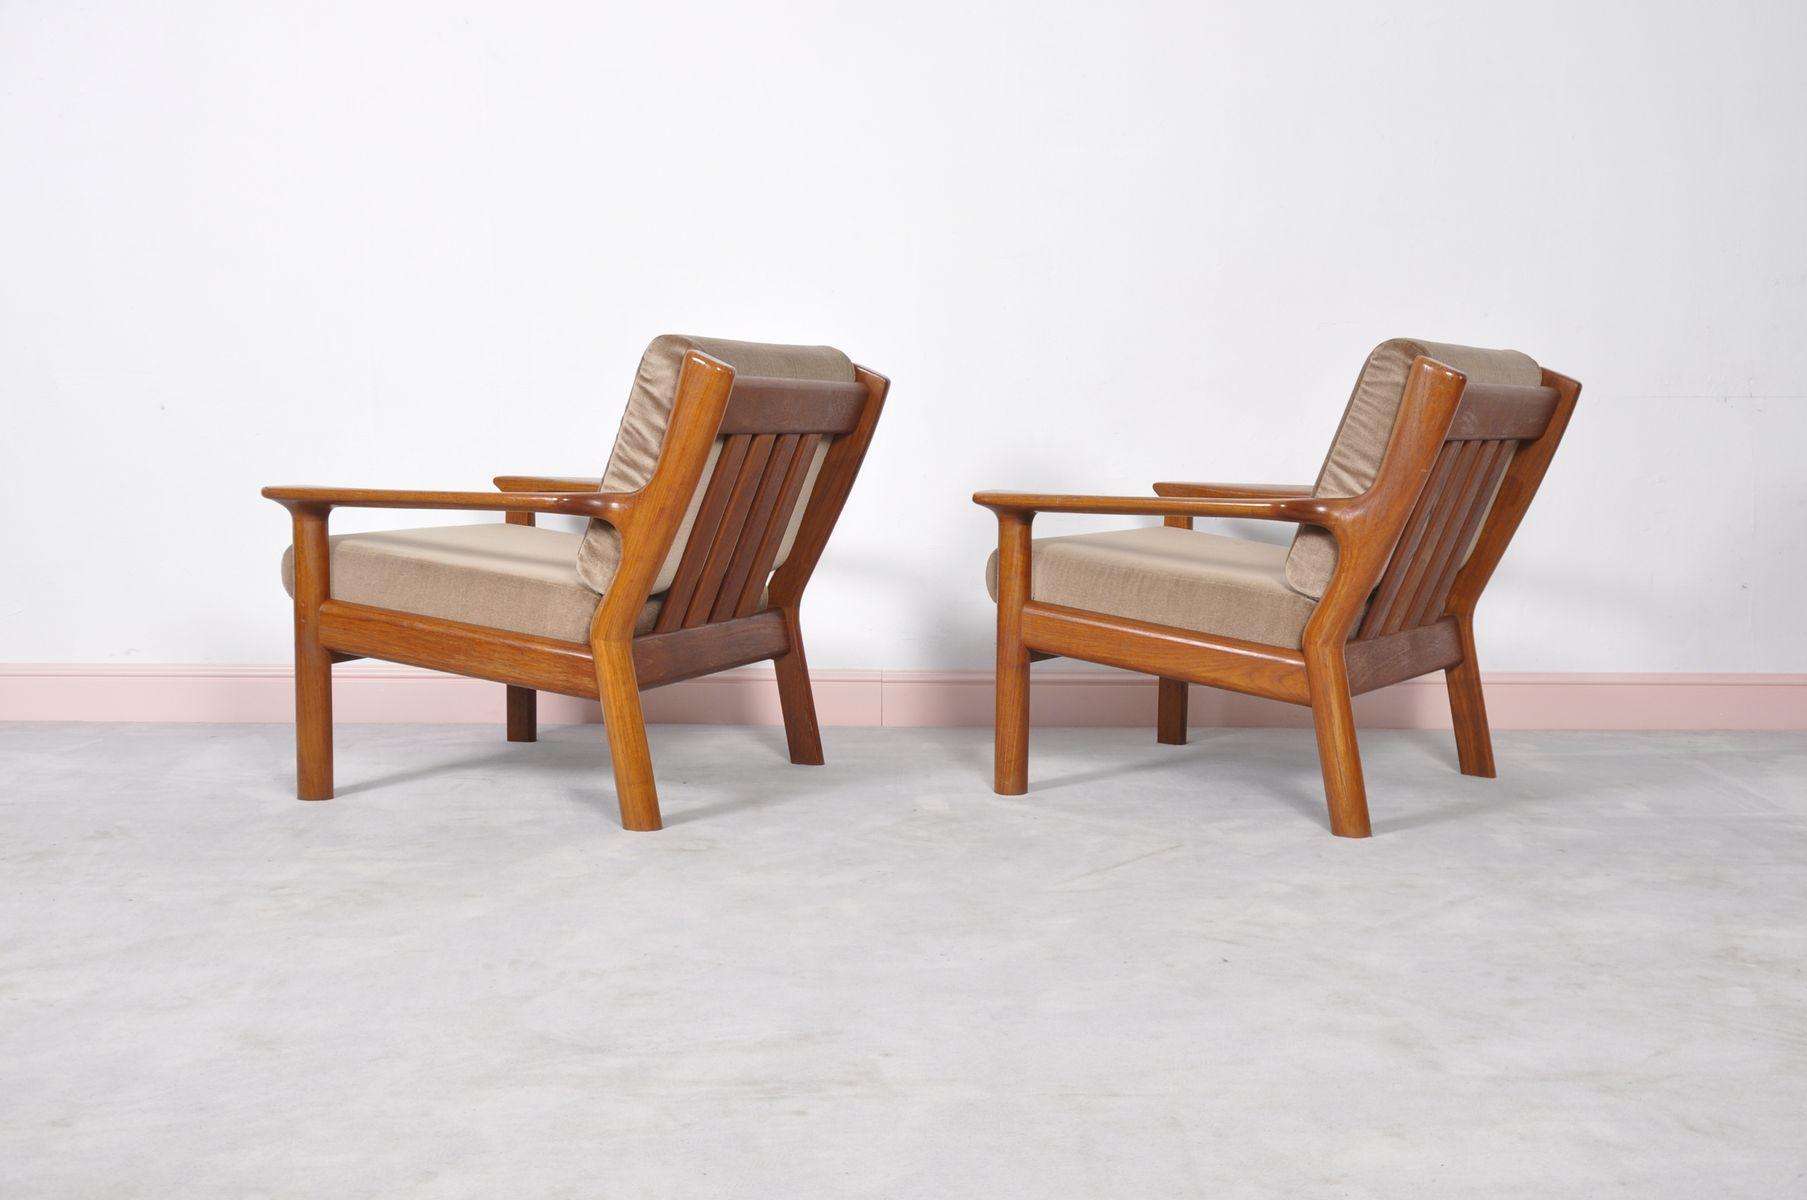 skandinavische vintage teak sessel von juul kristensen f r glostrup 1960er 2er set bei pamono. Black Bedroom Furniture Sets. Home Design Ideas